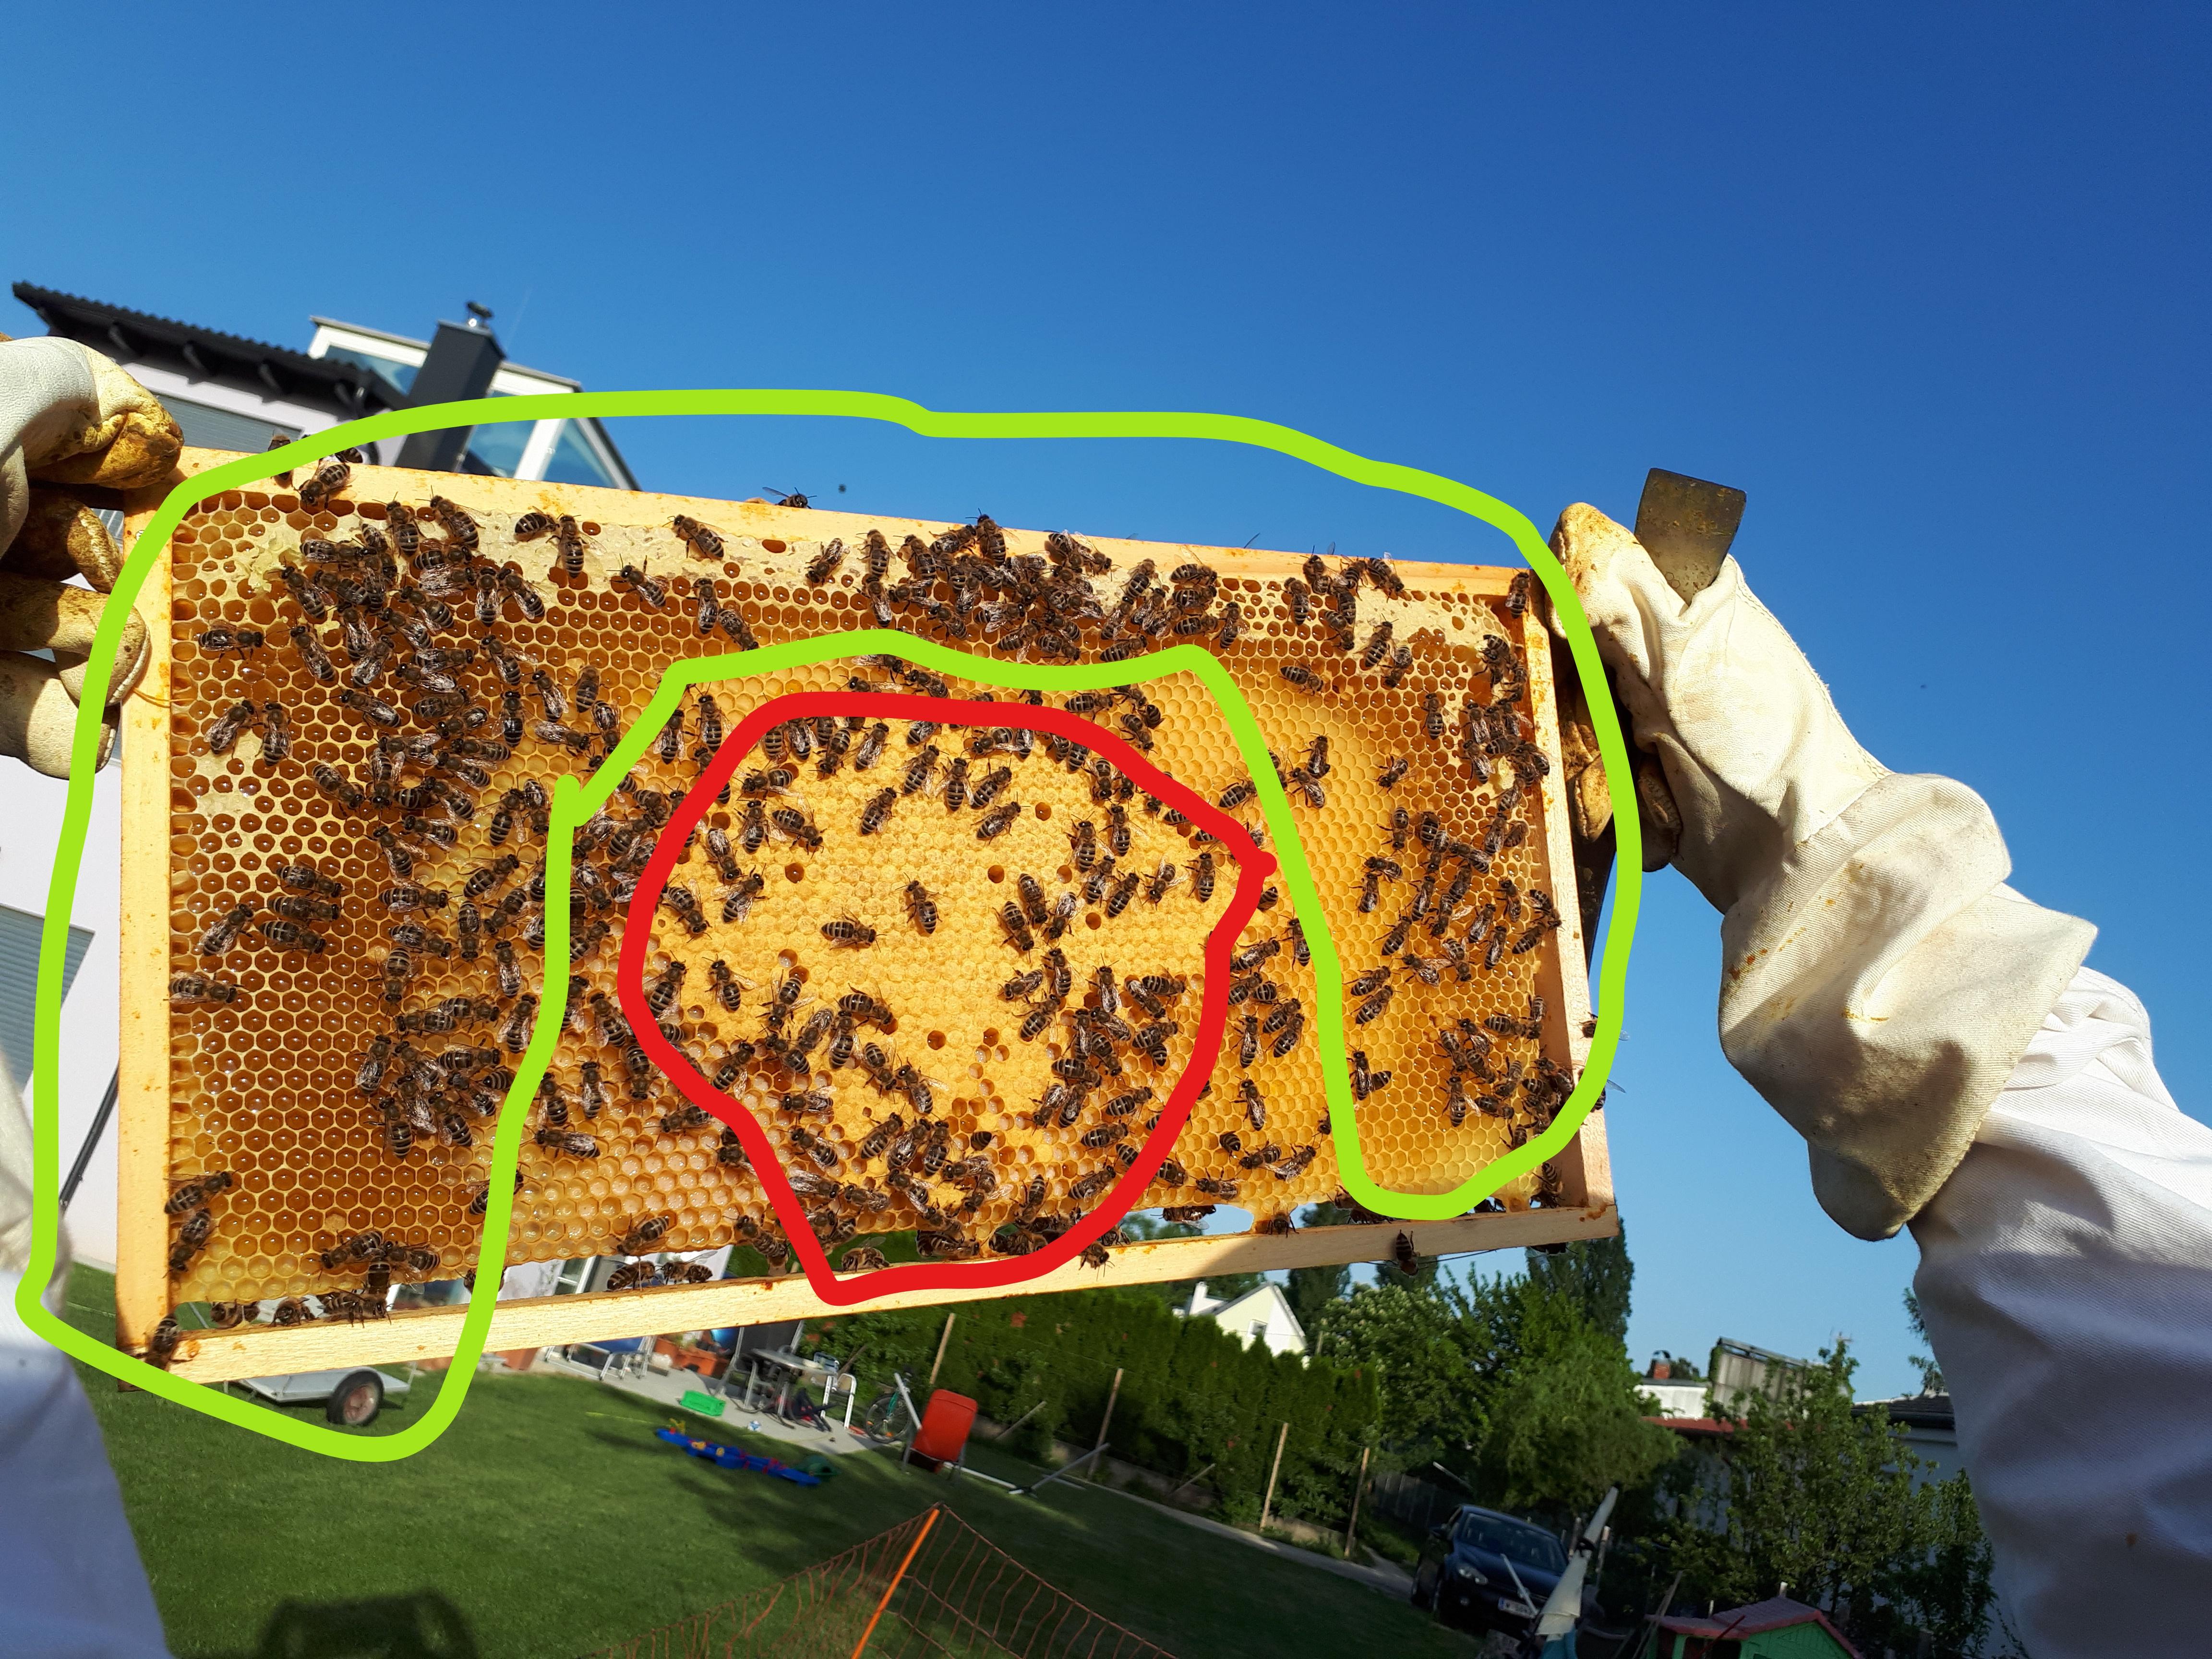 Brutraum verhonigt weil zu Spät den Honigraum aufgesetz